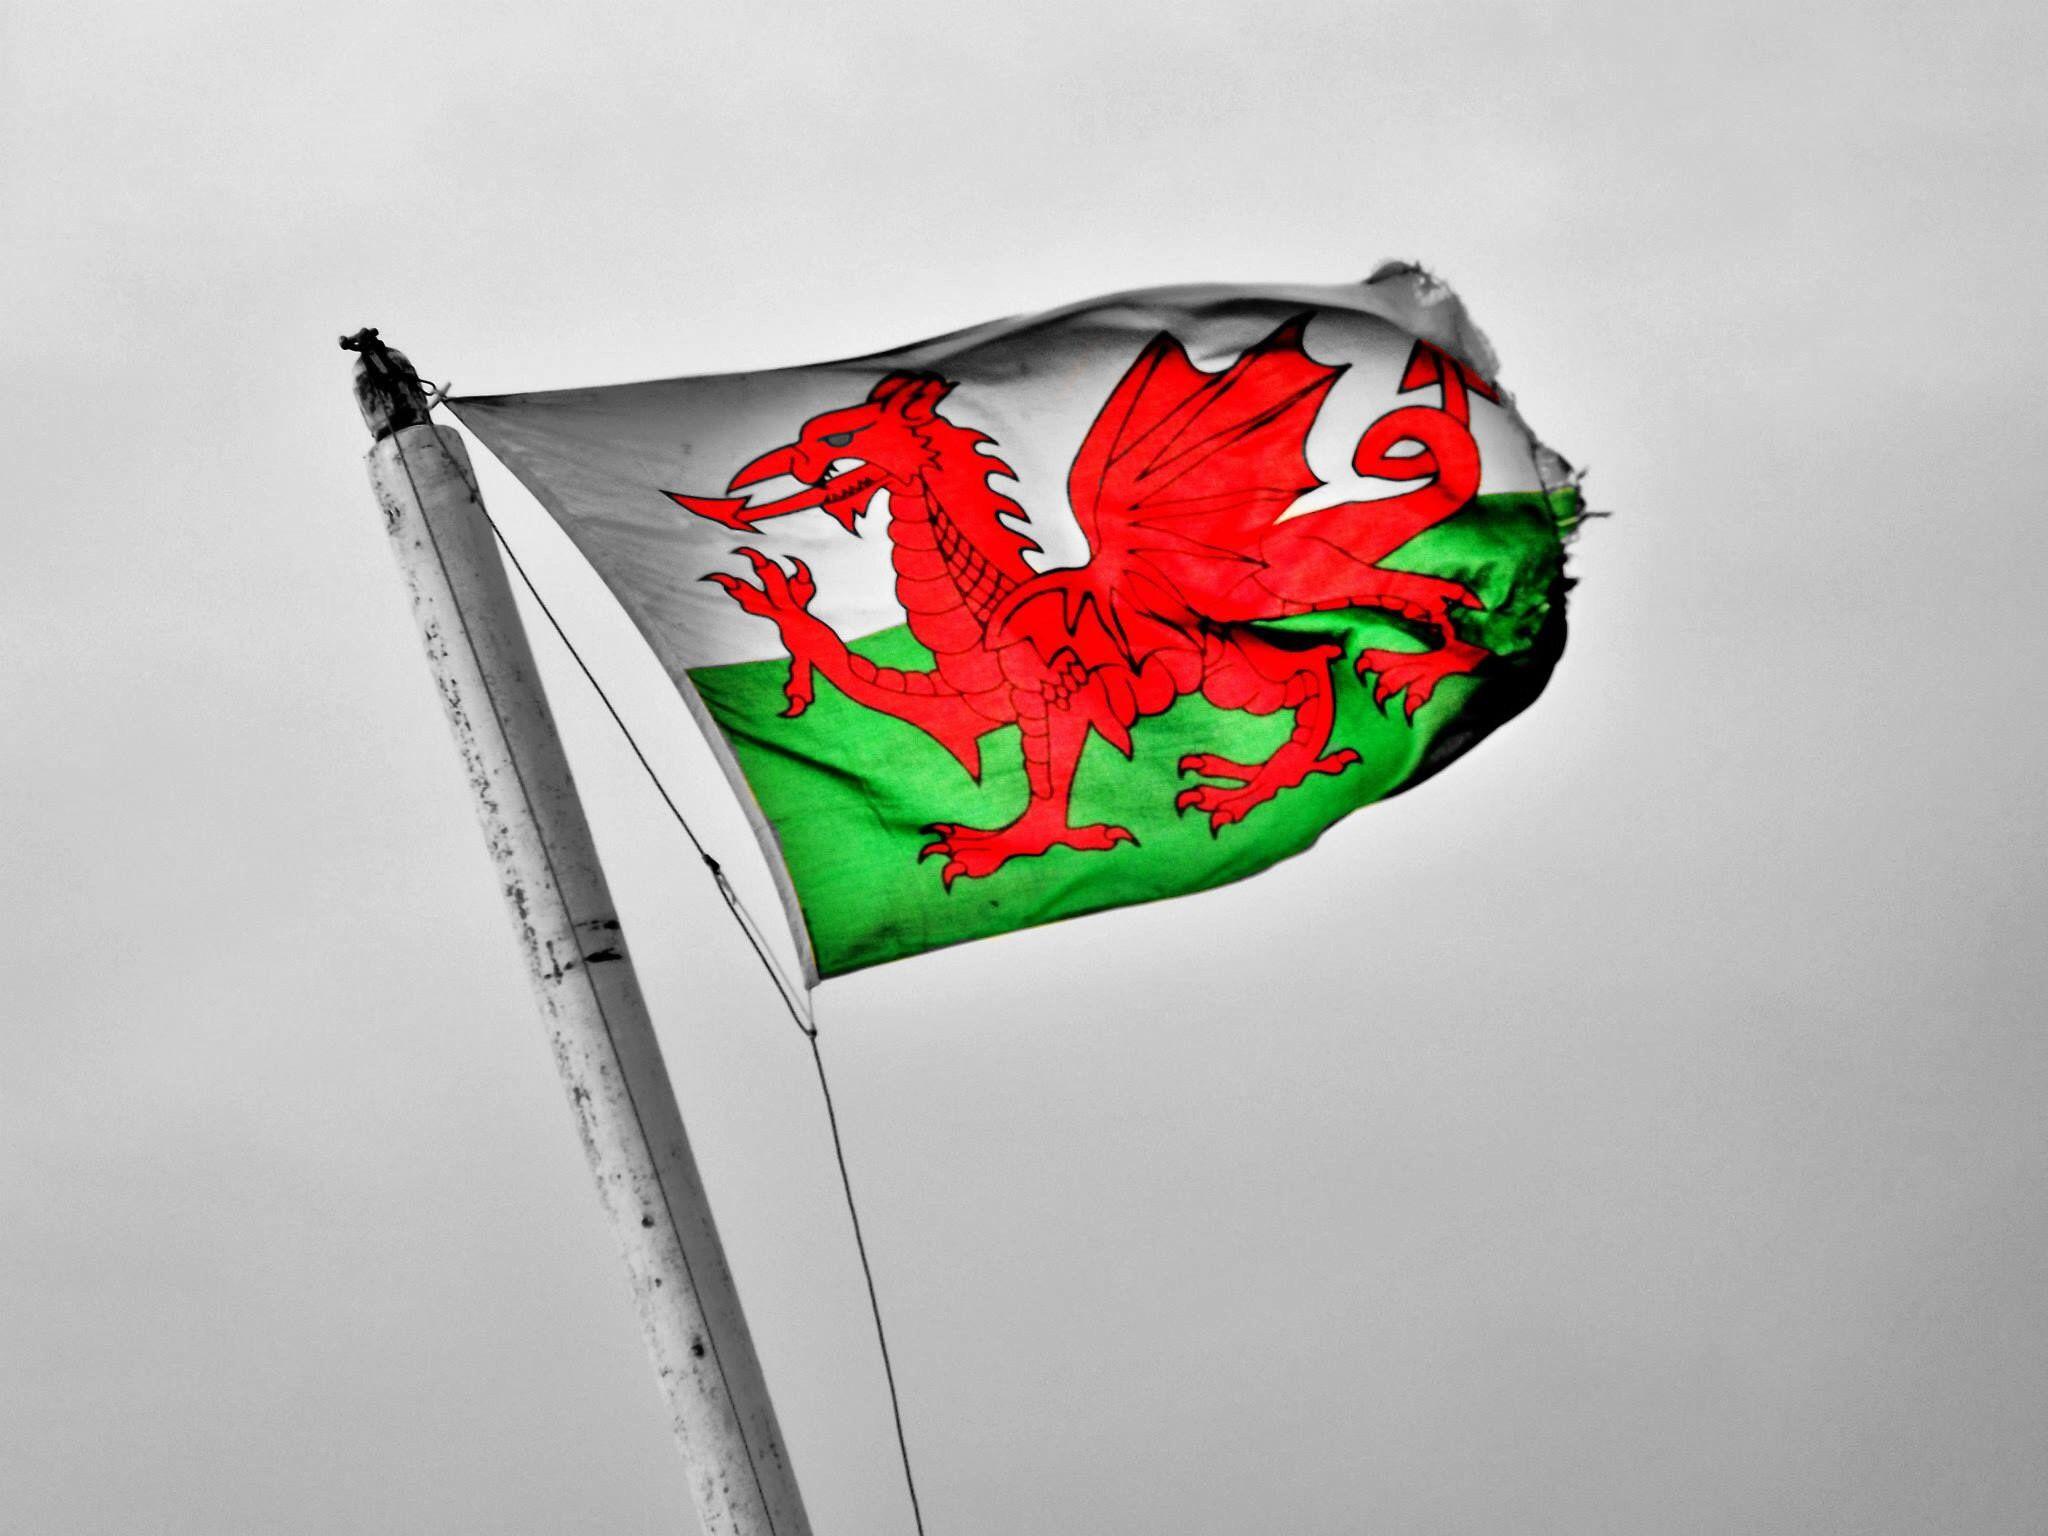 Casllwchwr. Cymru.